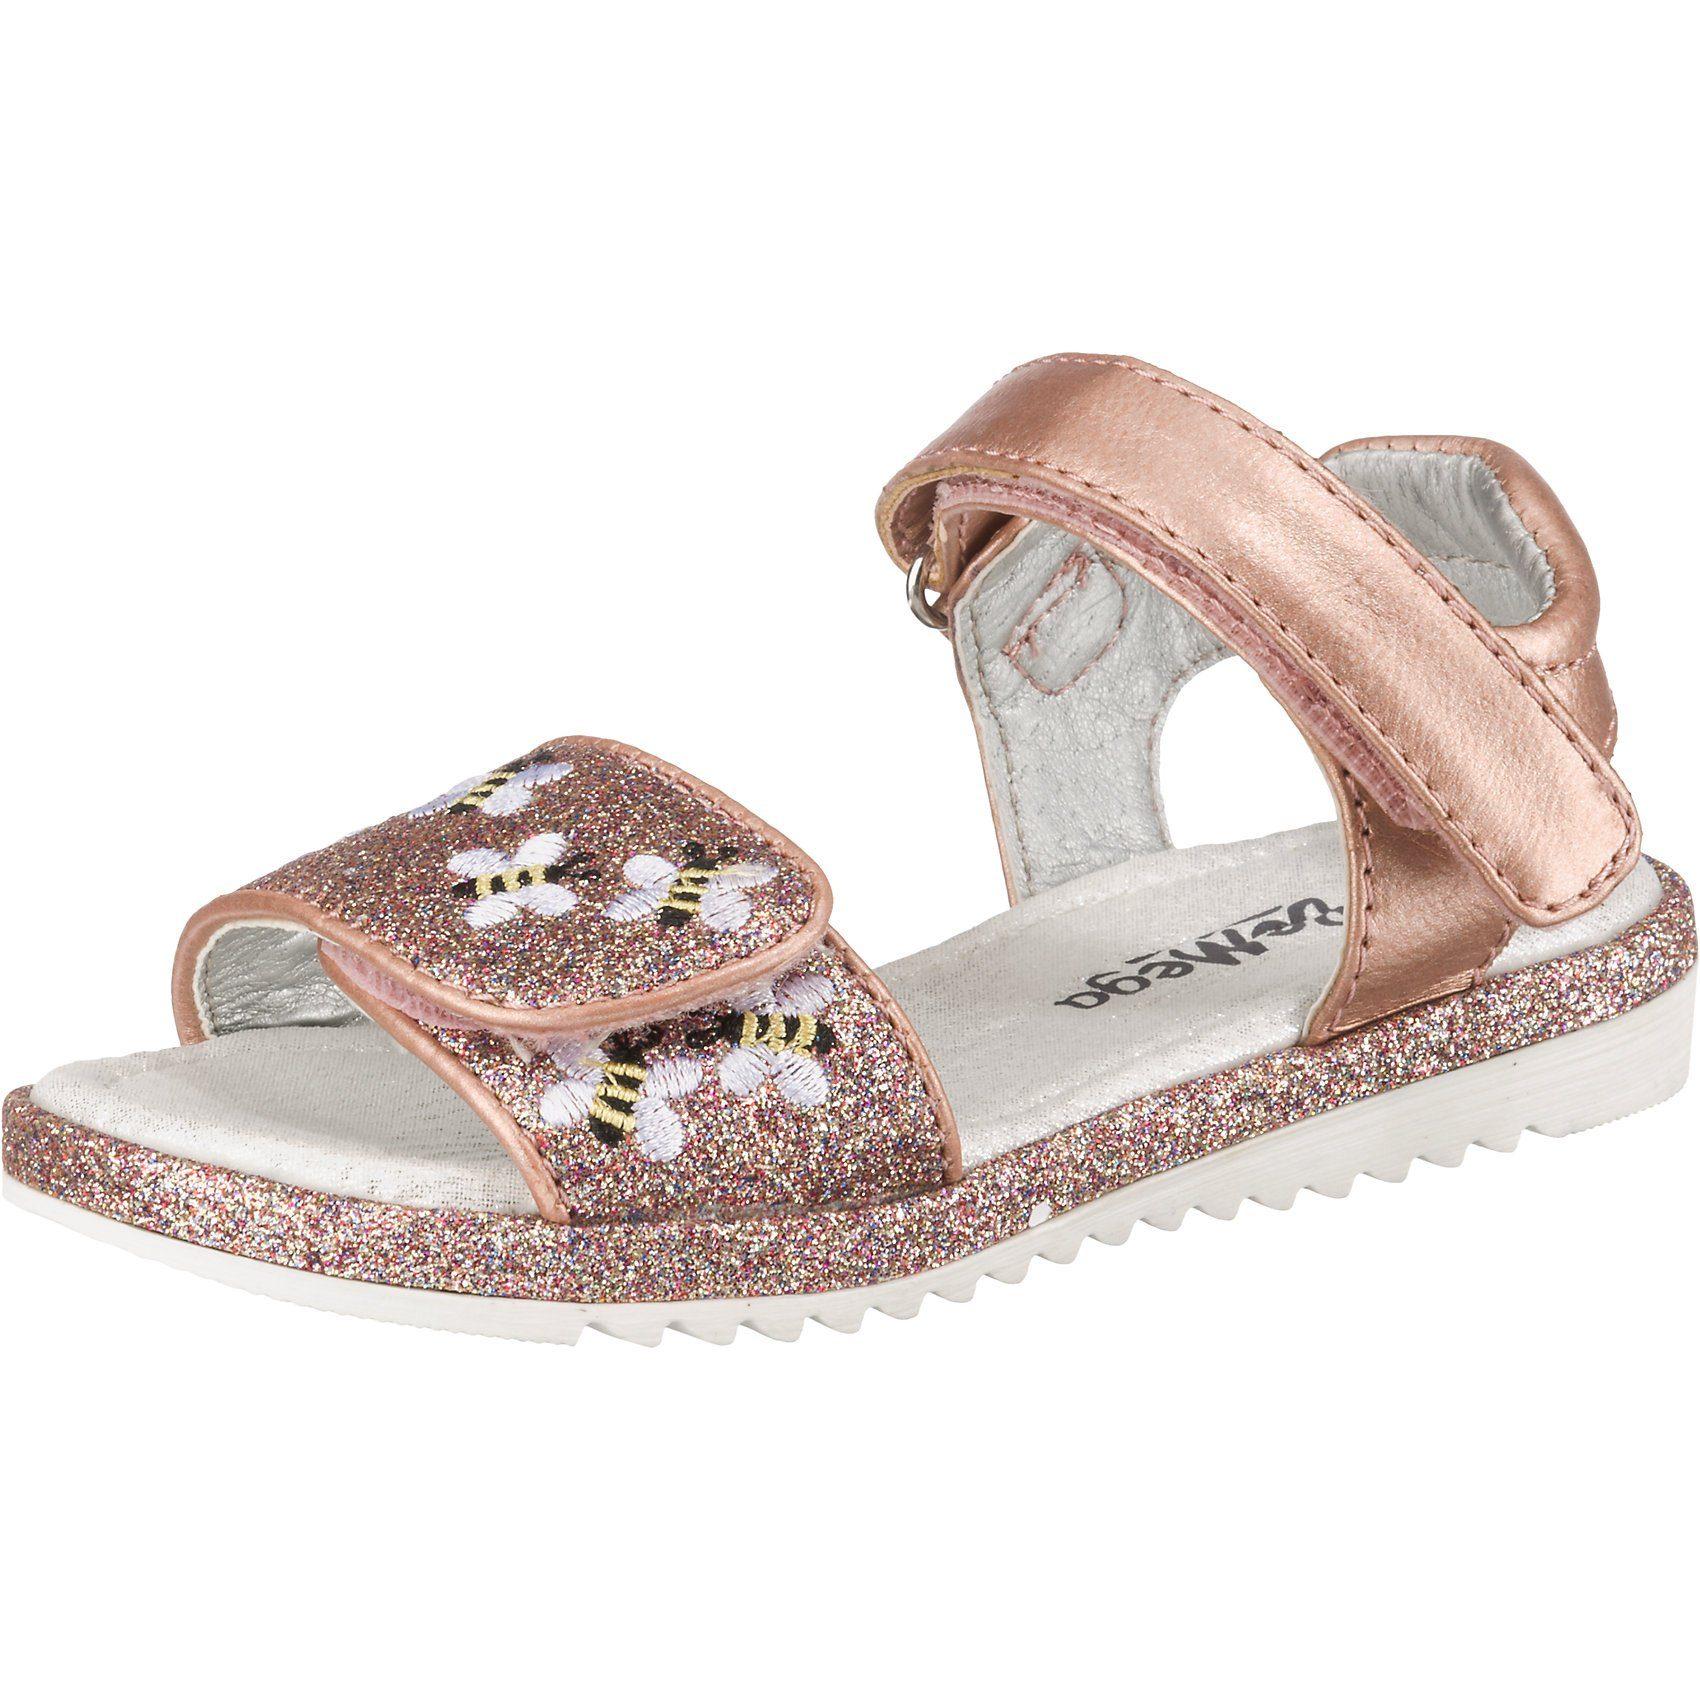 Rieker Sandalen für Mädchen, Obermaterial (Schuhe): Sonstiges Material online kaufen | OTTO